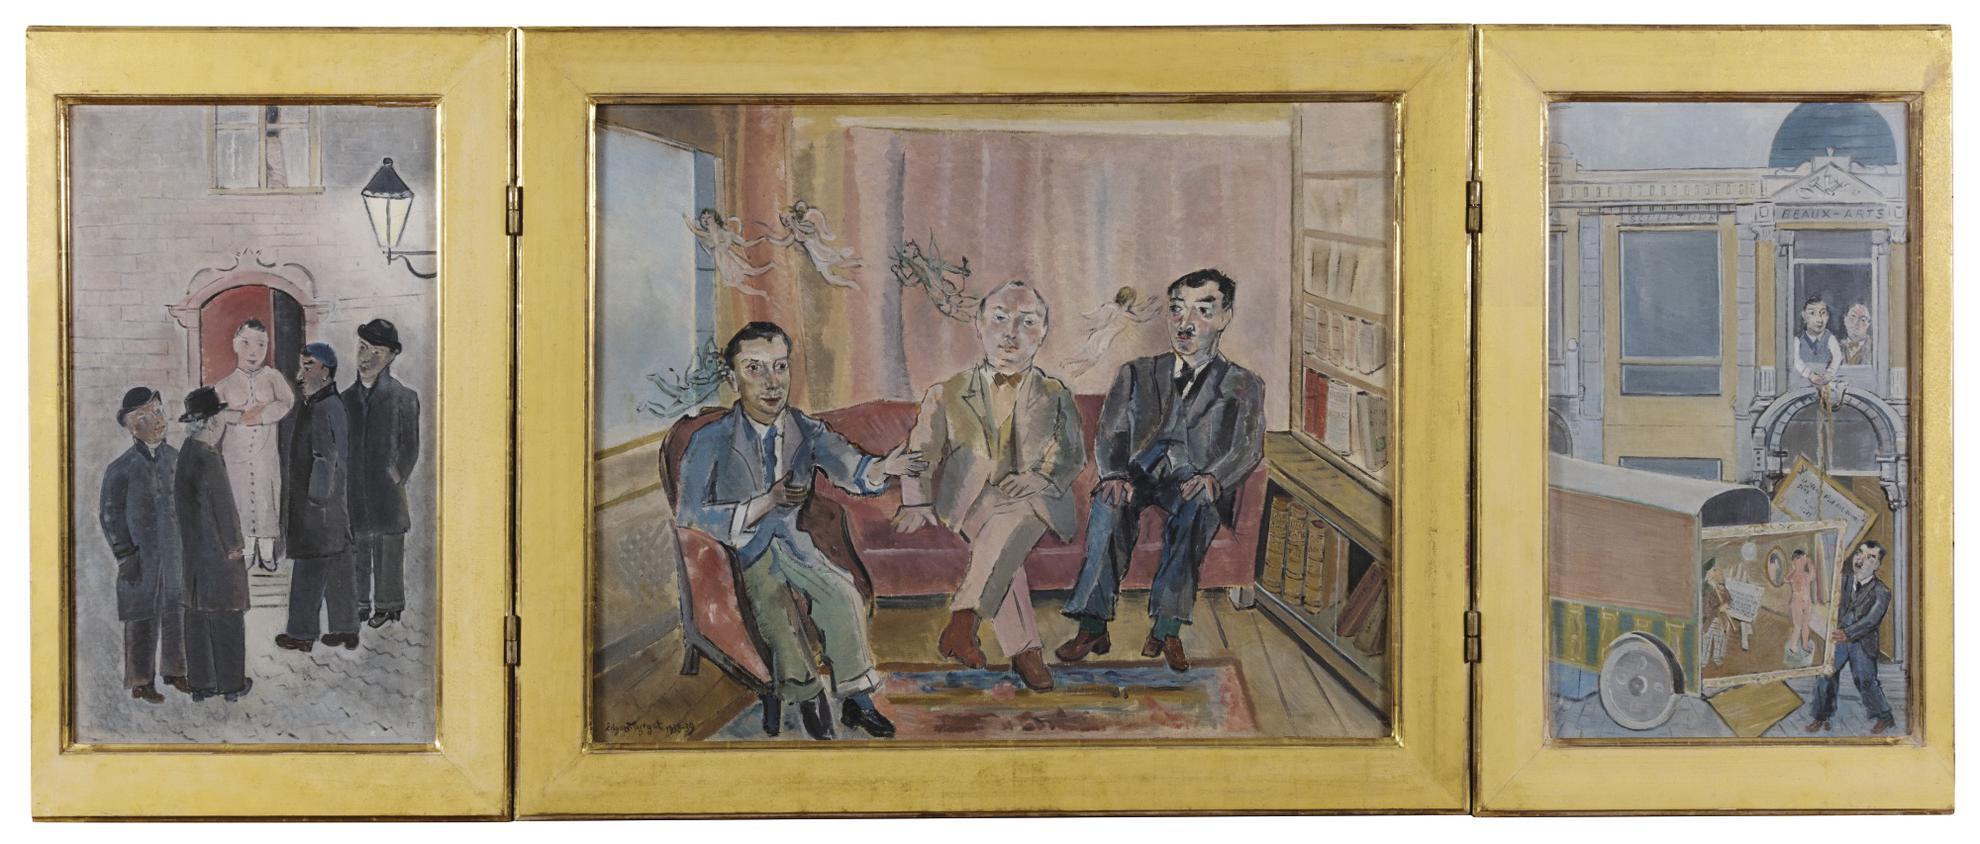 Edgard Tytgat-La Chute Des Anges Gardiens, Triptyque (Les Messieurs De Verviers)-1939